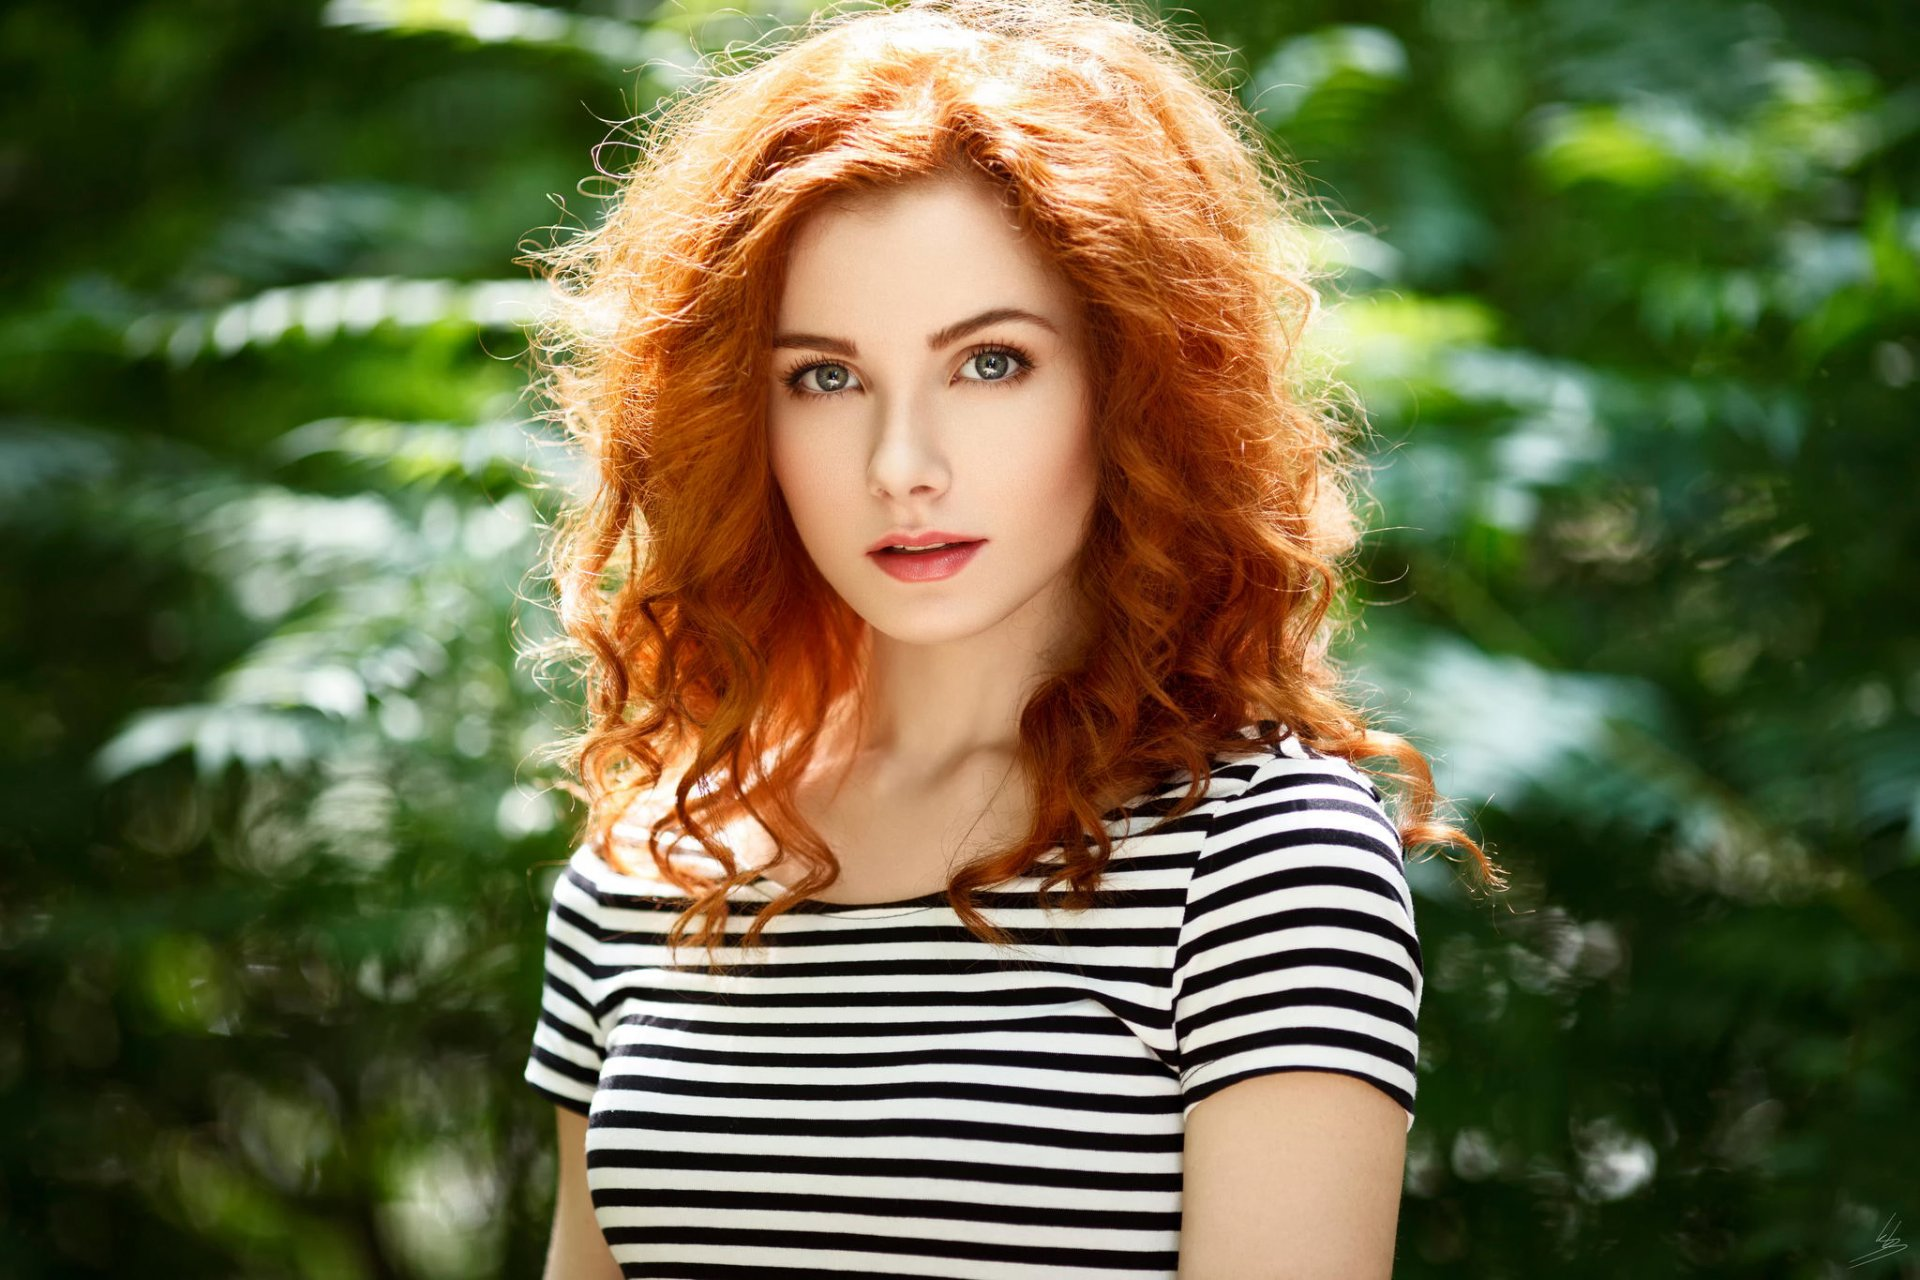 Фото самая красивая девушка рыжеволосая толстуху